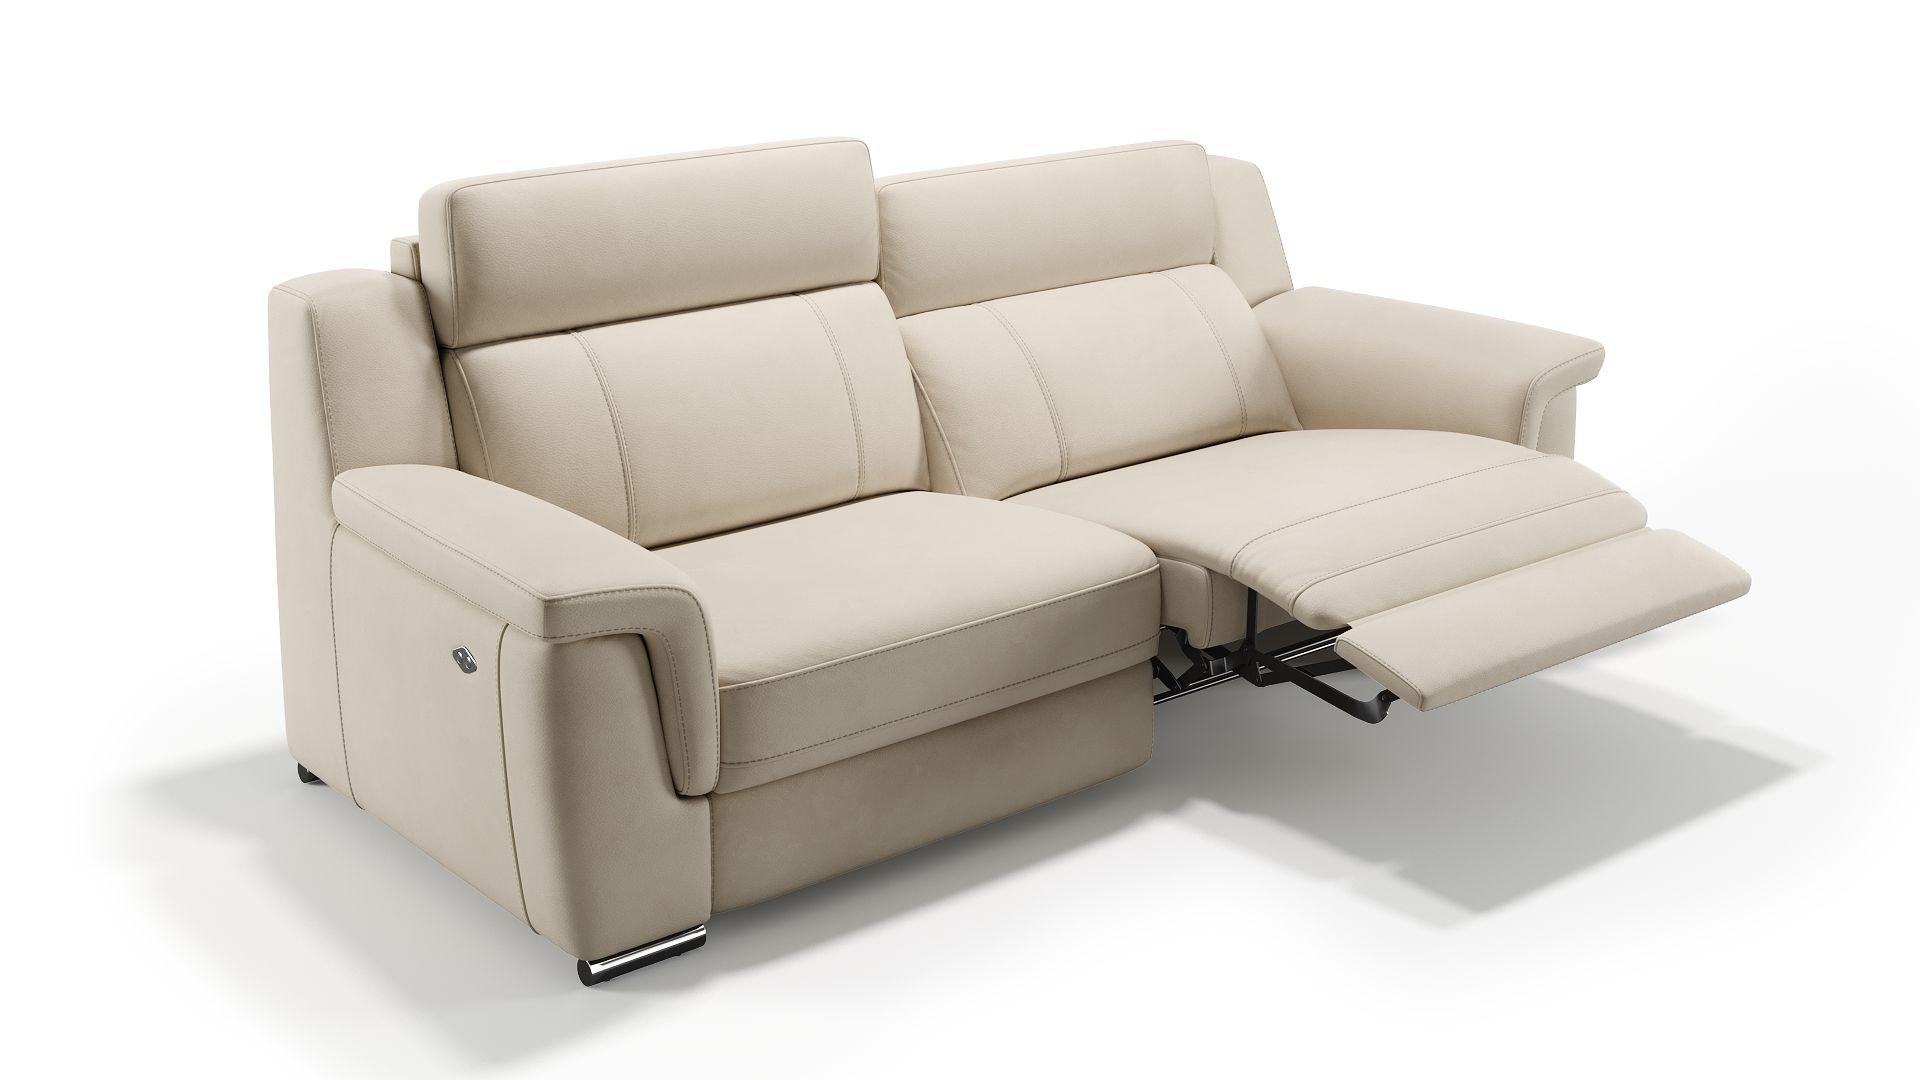 Leder 3-Sitzer Sofa TRIVENTO